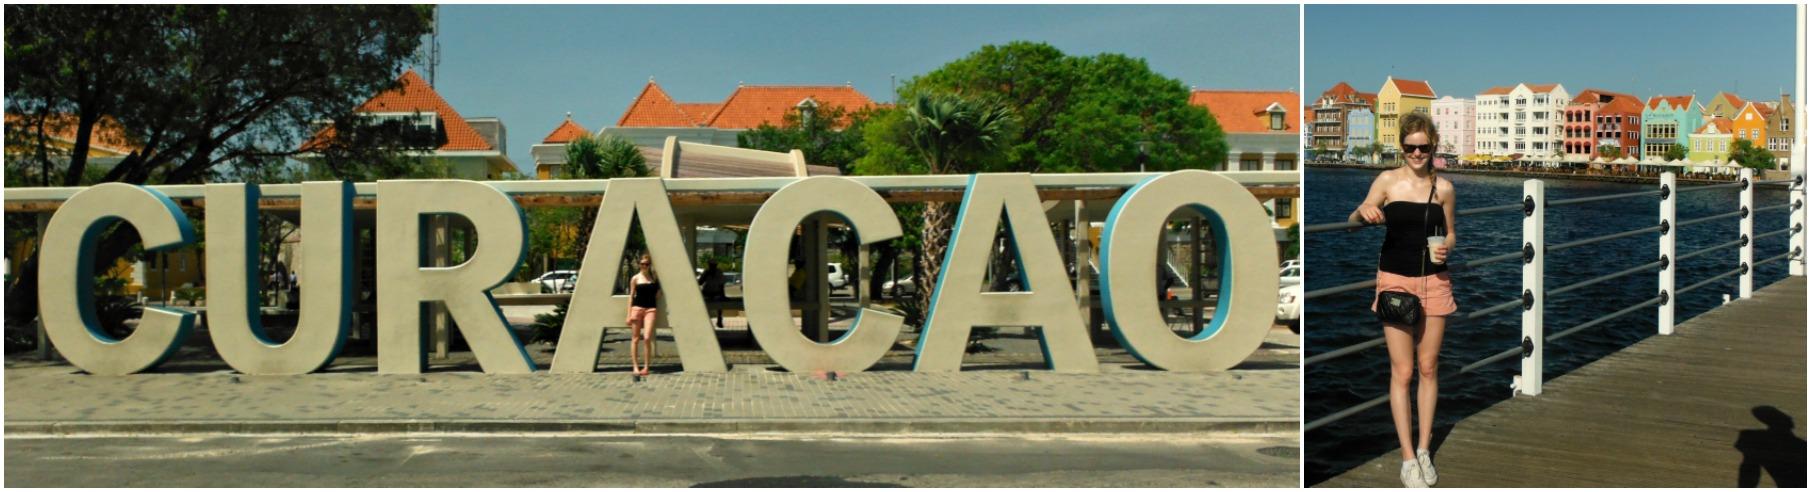 Curaçao sfeer.jpg